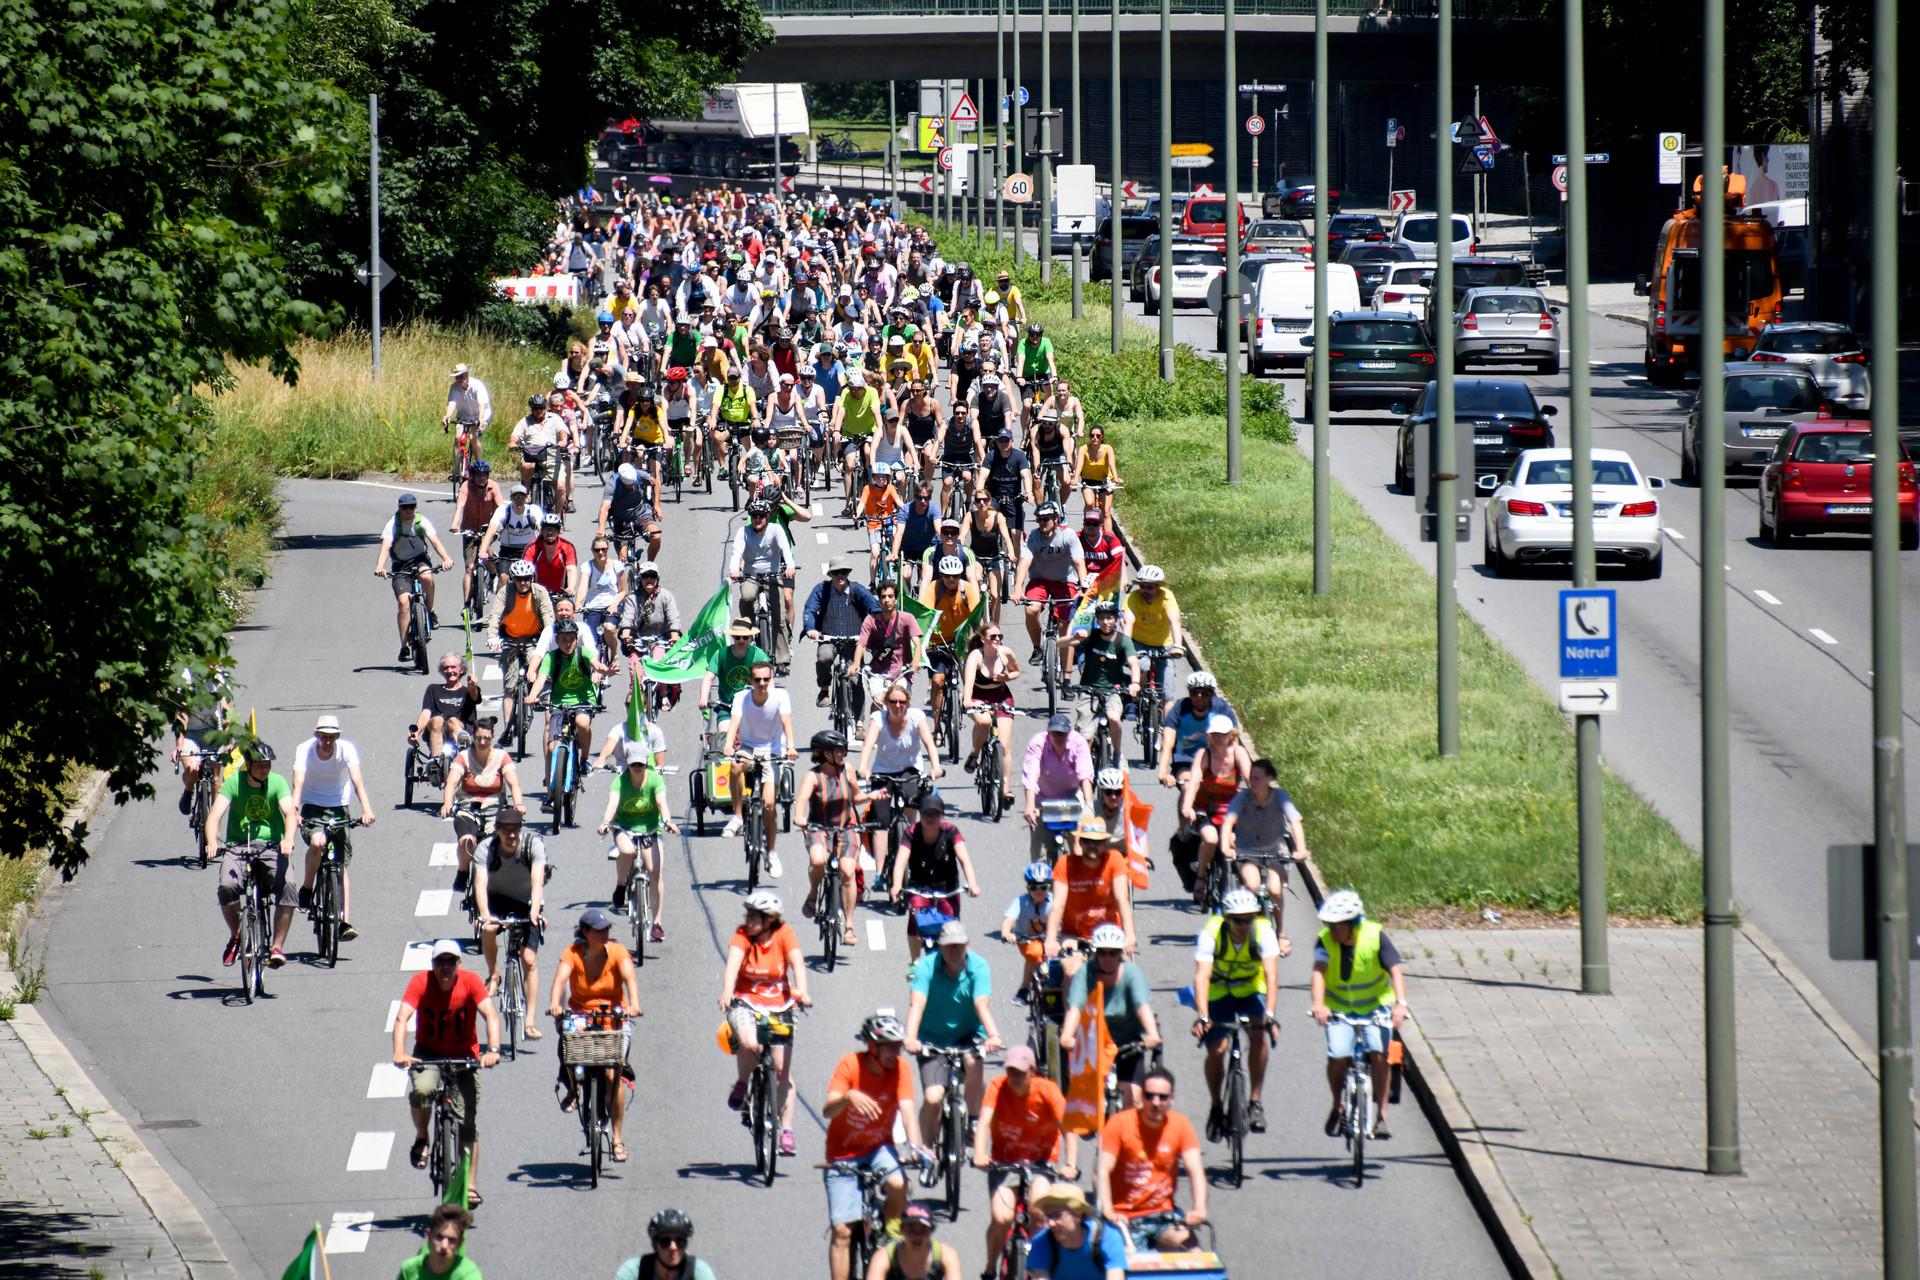 Große Radsternfahrt am 11.9. für grundlegende Mobilitätswende